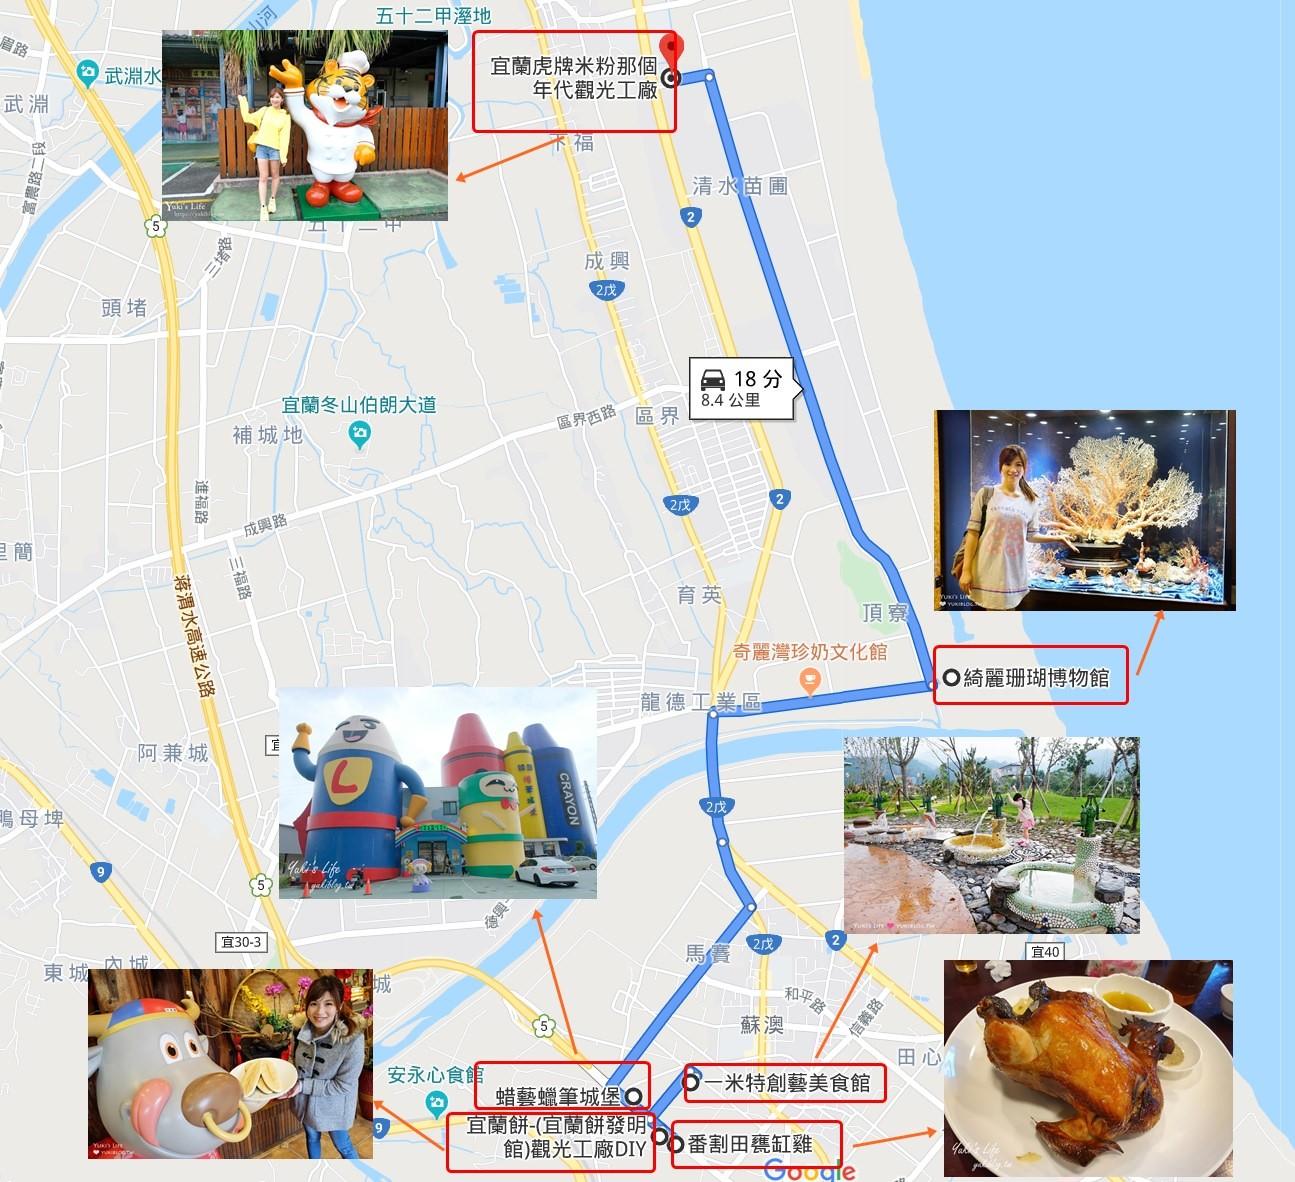 宜蘭雨天室內親子景點一日遊懶人包》蠟筆城堡、牛舌餅DIY、米粉觀光廠、珊瑚博物館~全部玩透透!還有甕缸雞超好吃~ - yukiblog.tw